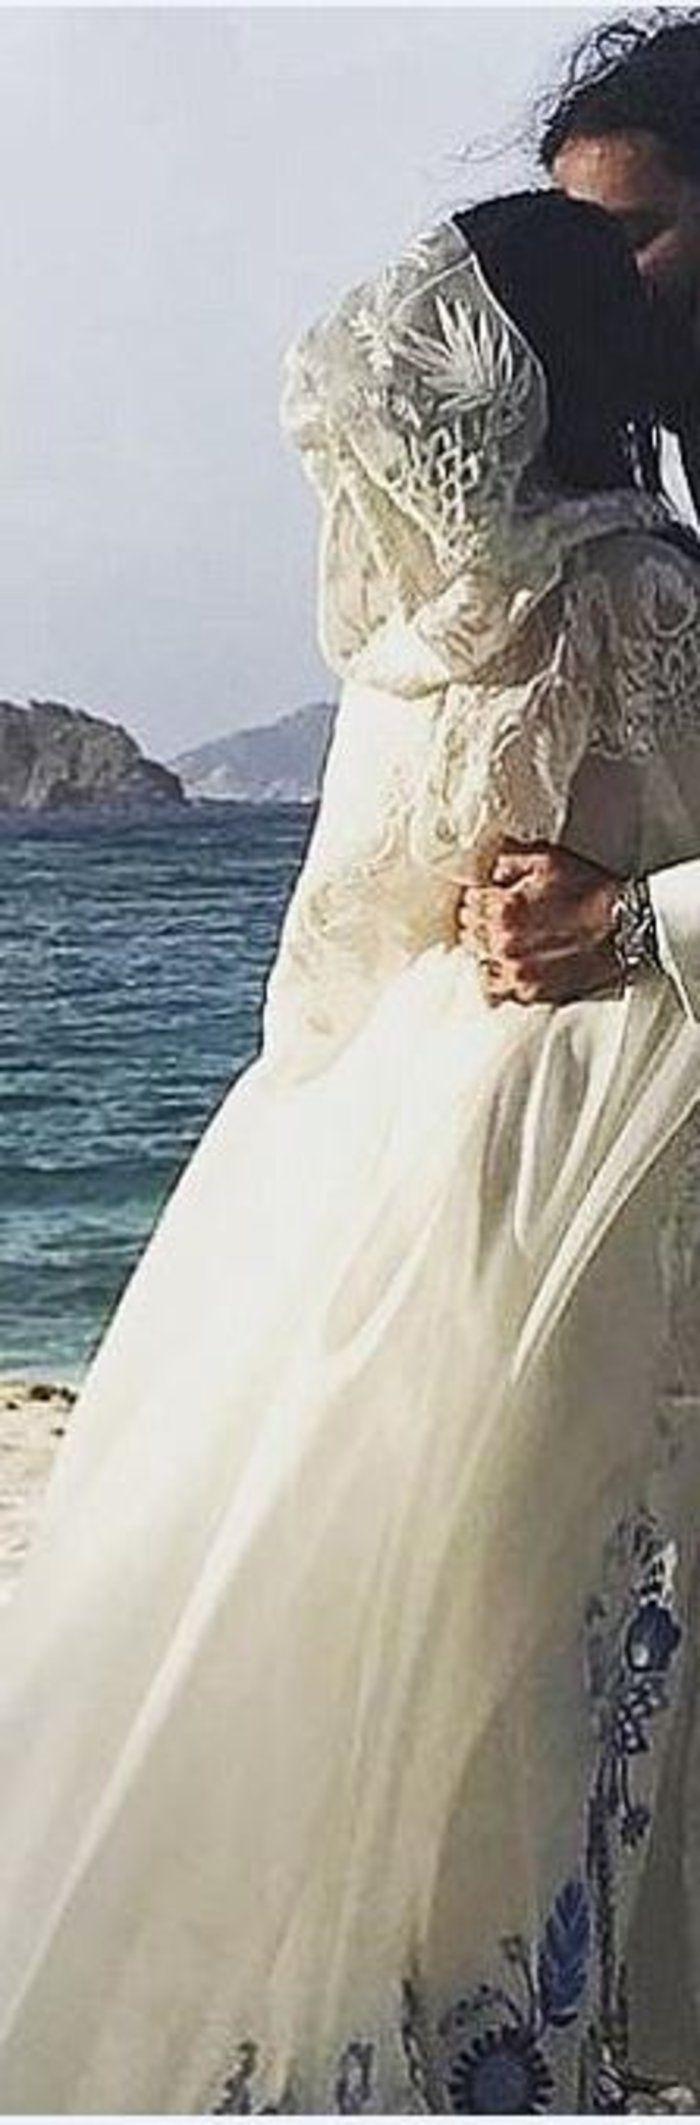 Το υπέροχο μποέμ νυφικό που σχεδίασε ο Tommy Hilfiger για την κόρη του |thetoc.gr